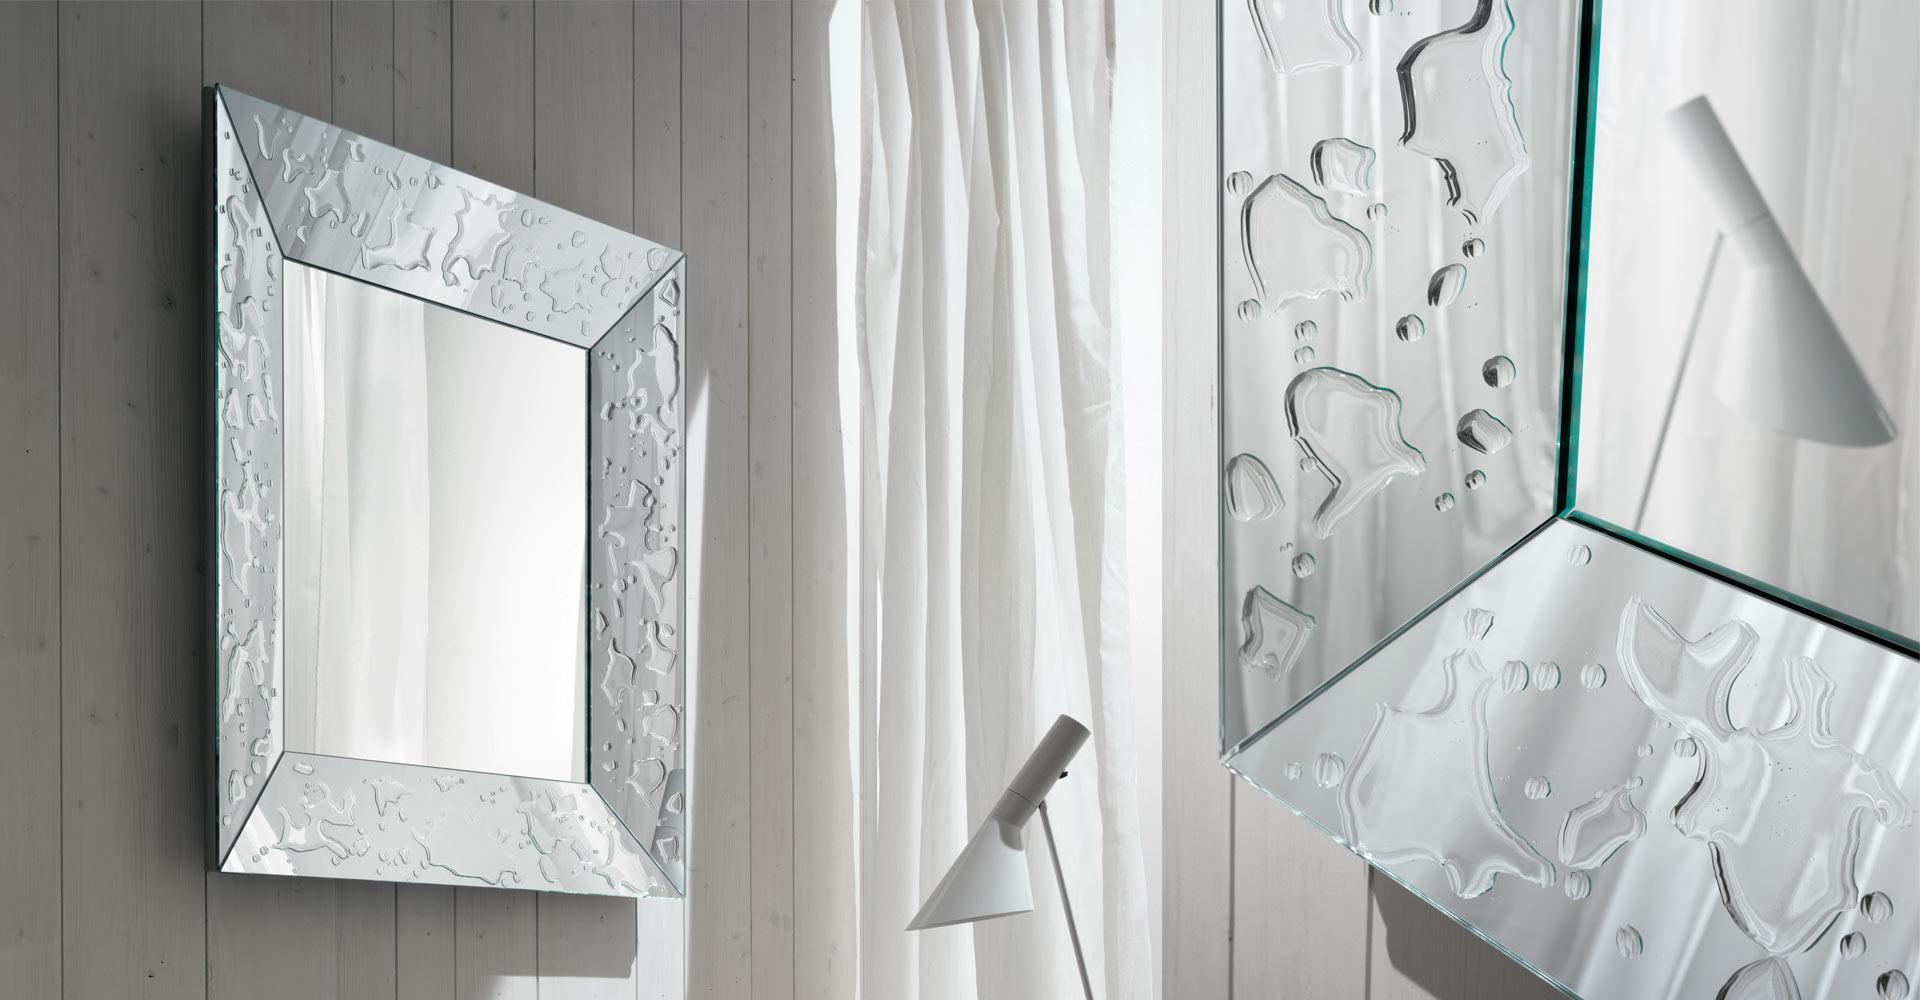 Specchio grande archivi consolle tavoli riflessi